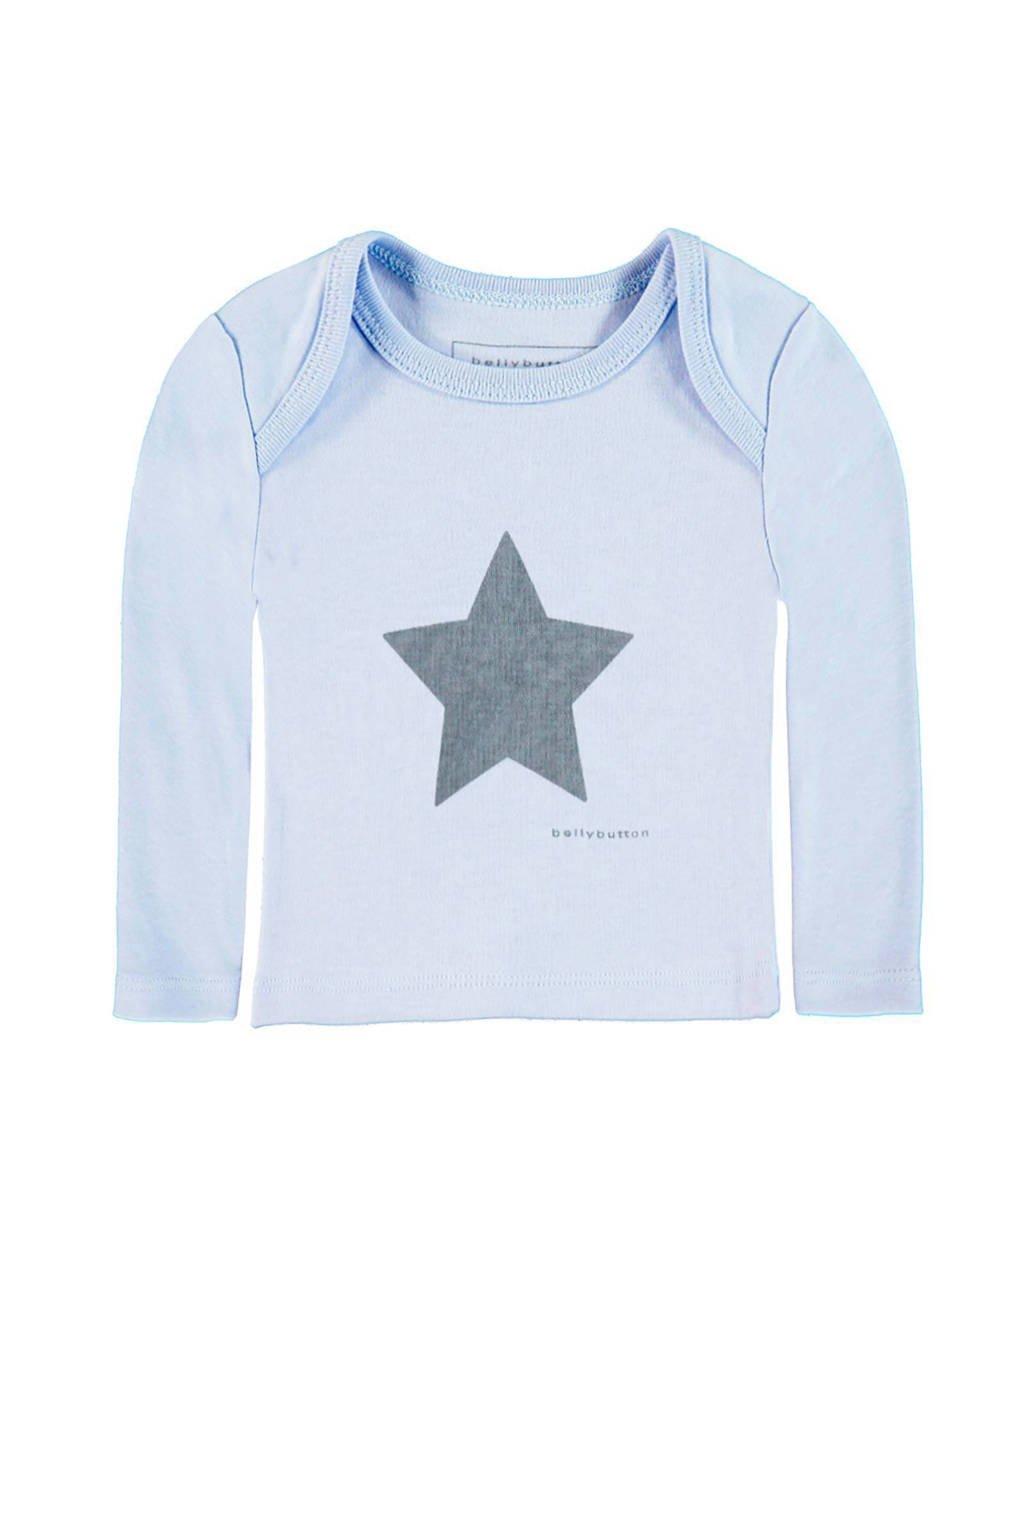 bellybutton T-shirt, Lichtblauw